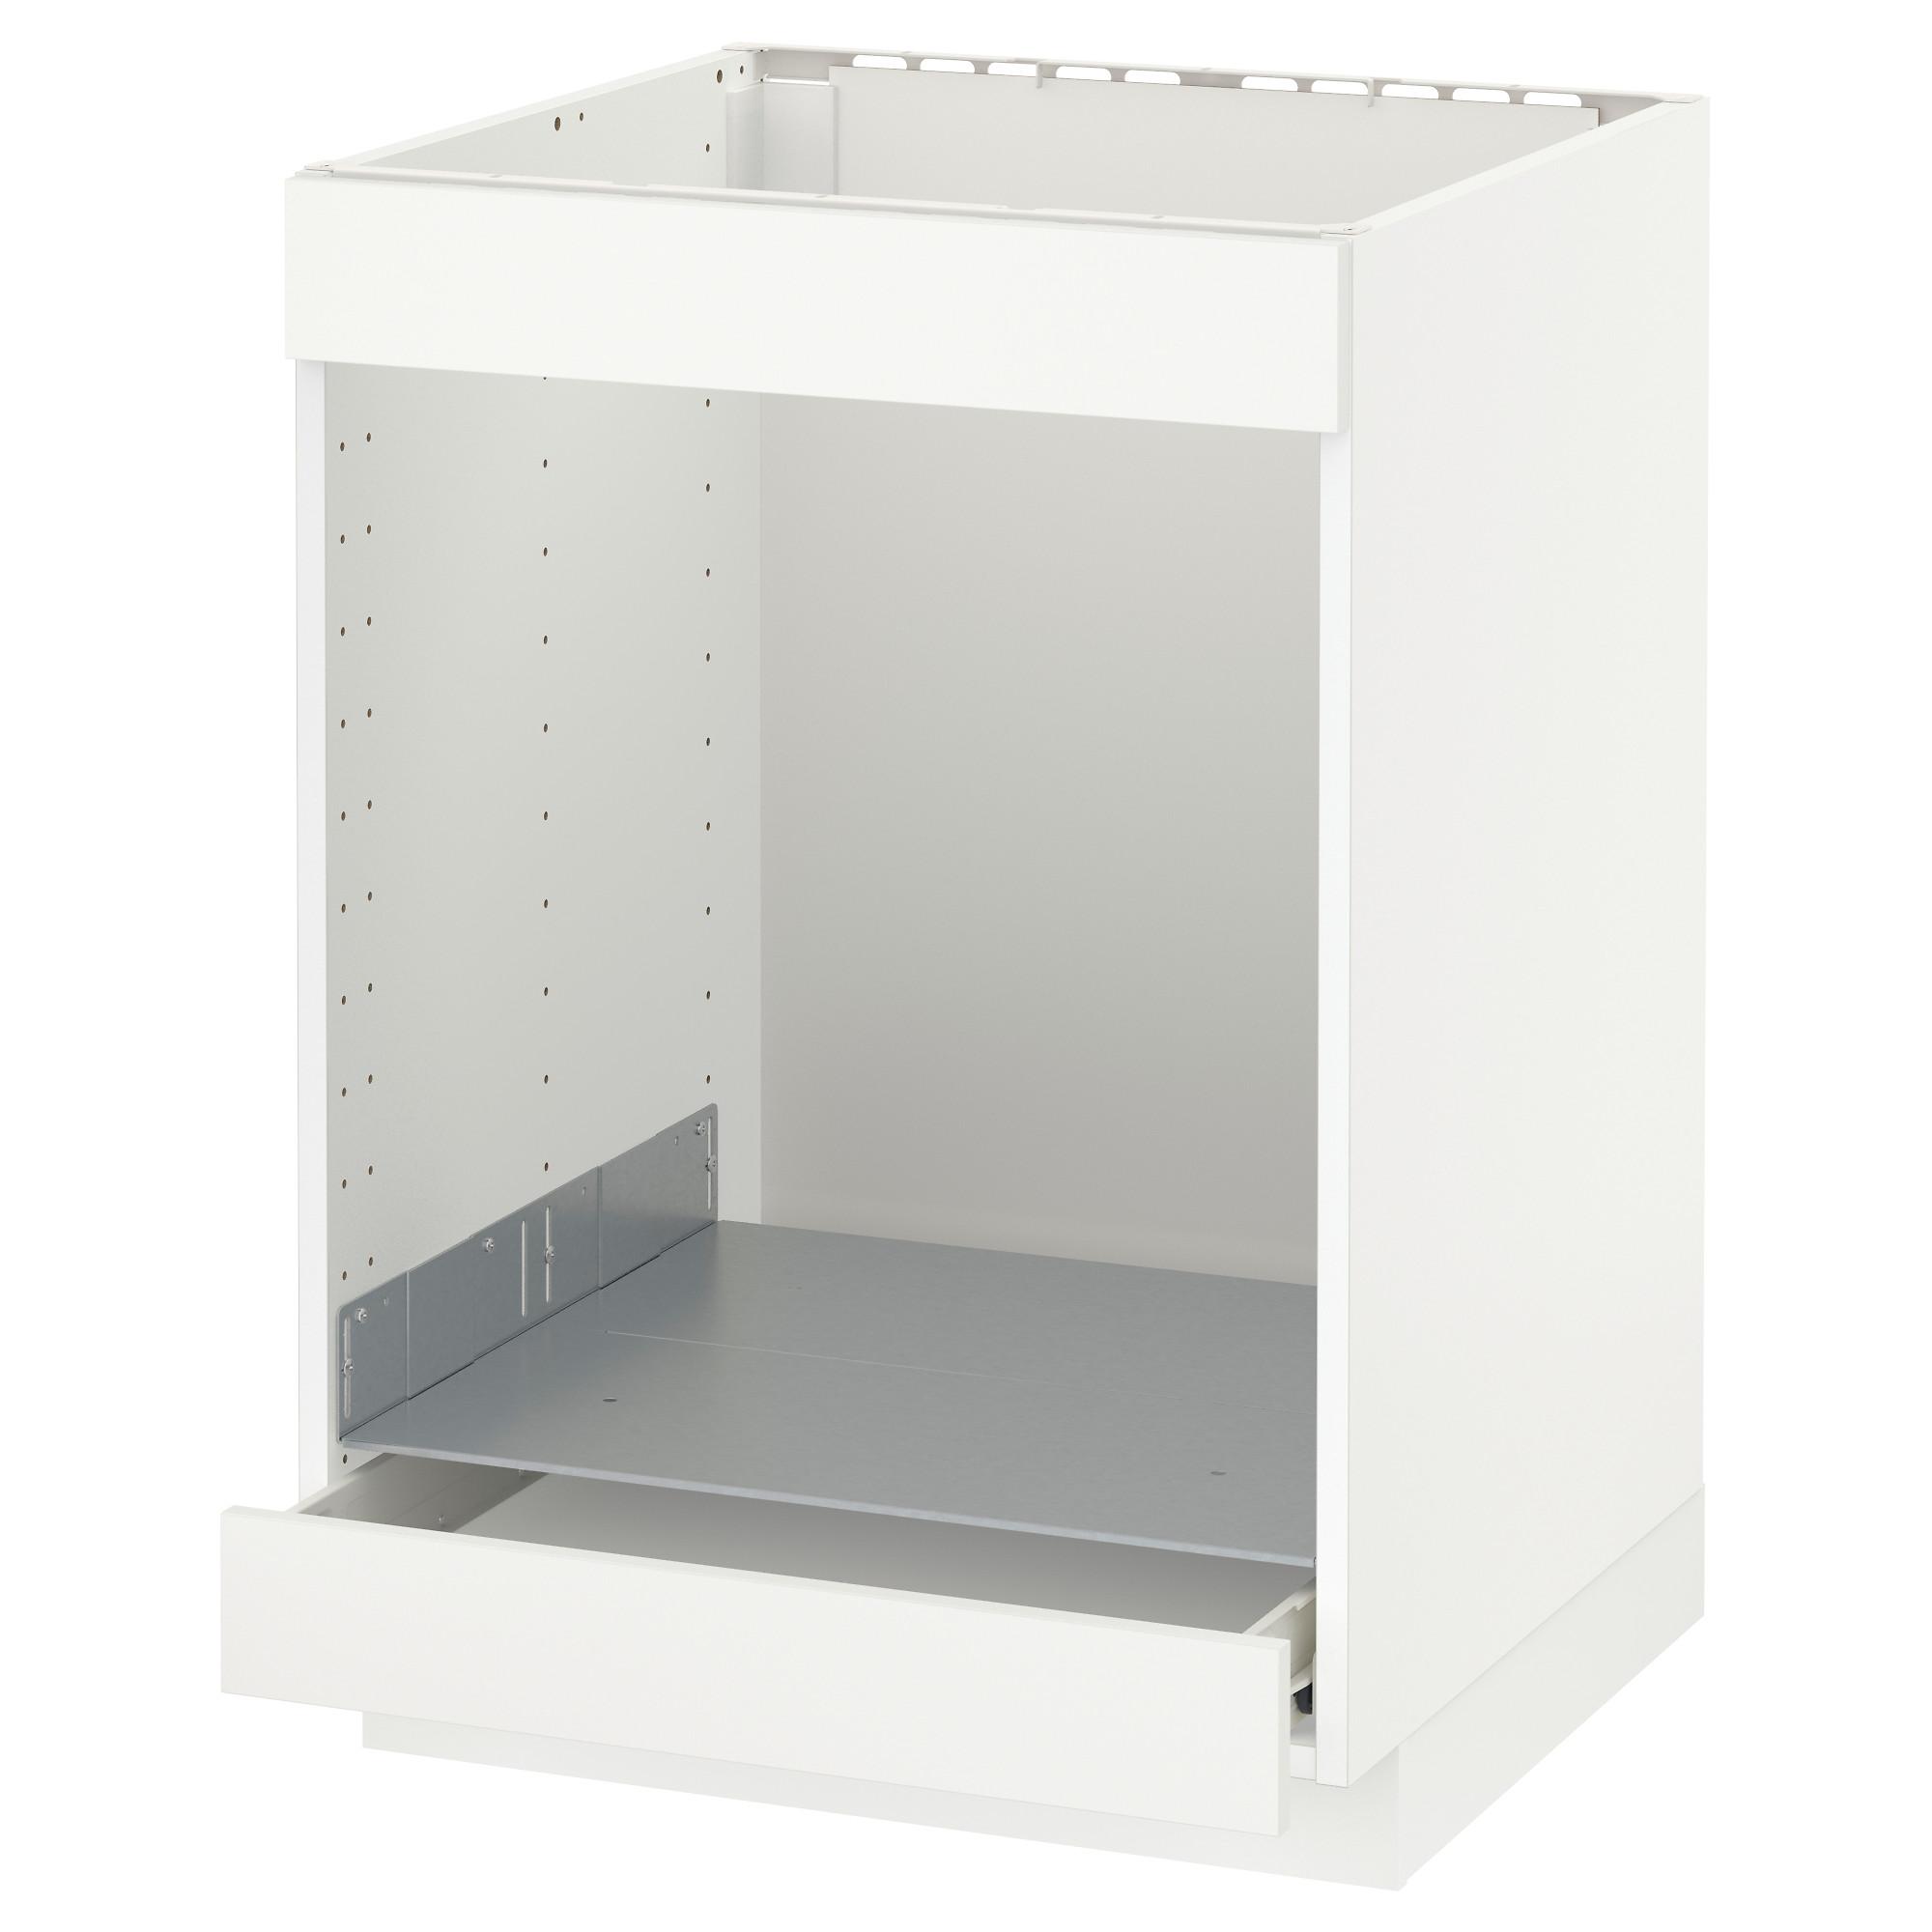 Напольный шкаф для/вароч панели+духовки/ящик МЕТОД белый артикуль № 392.619.87 в наличии. Online каталог IKEA РБ. Быстрая доставка и установка.